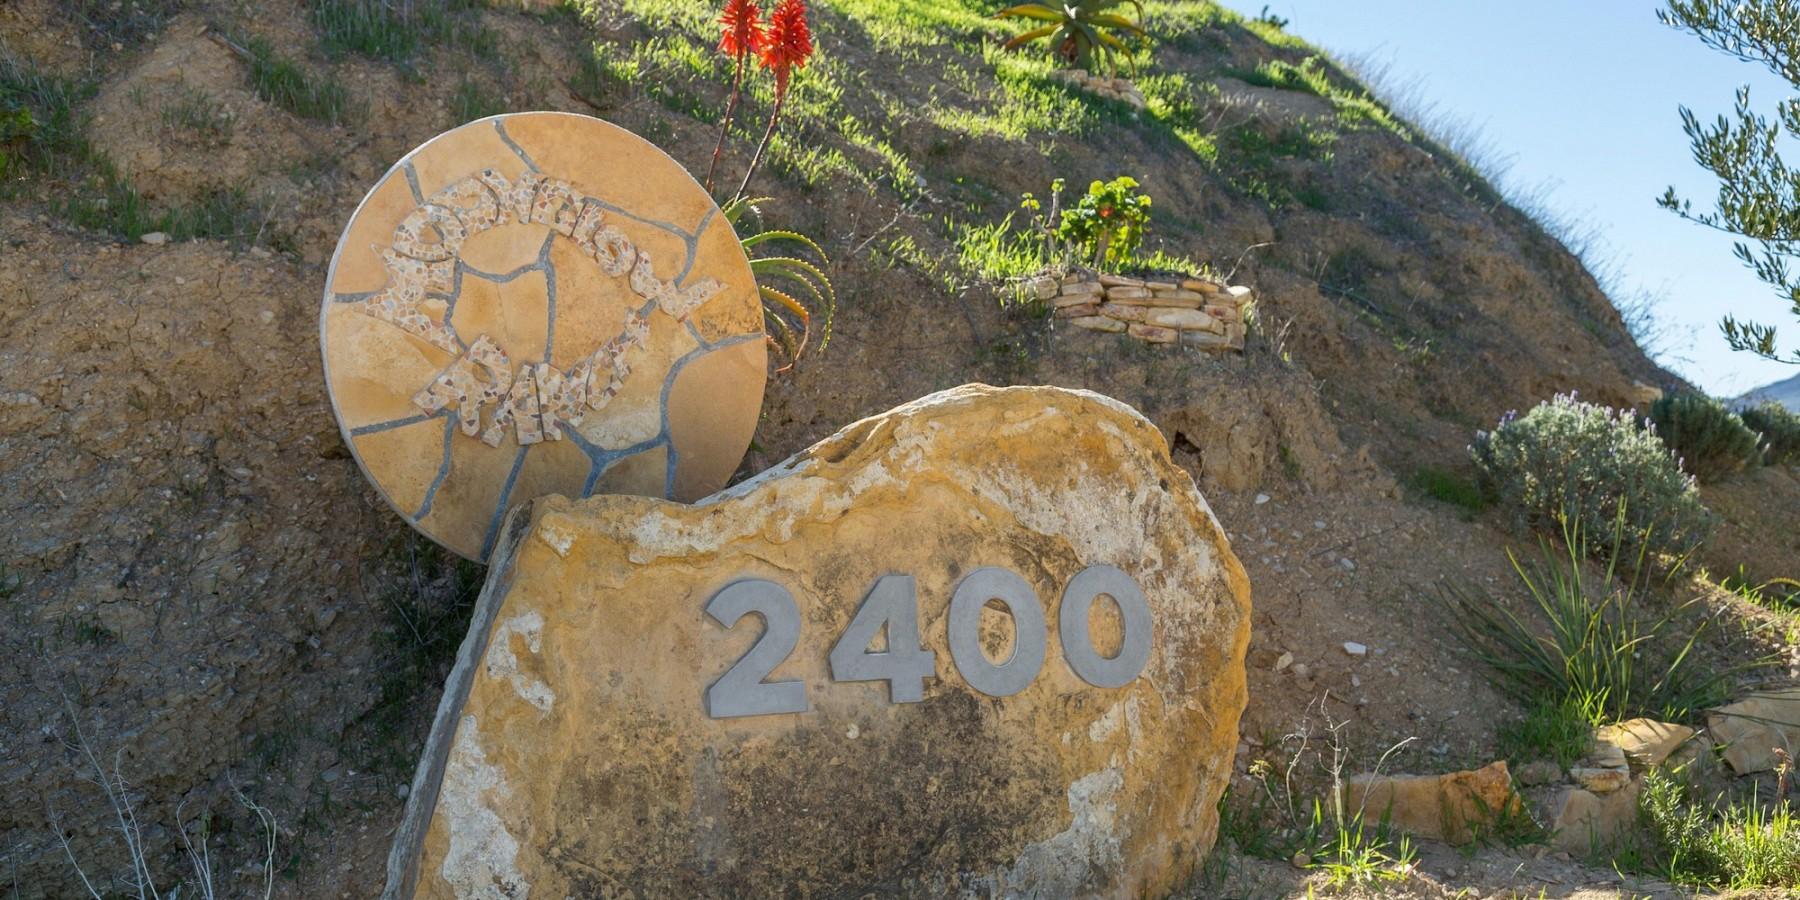 2400 Summit to Summit Motorway, Topanga, CA 90290